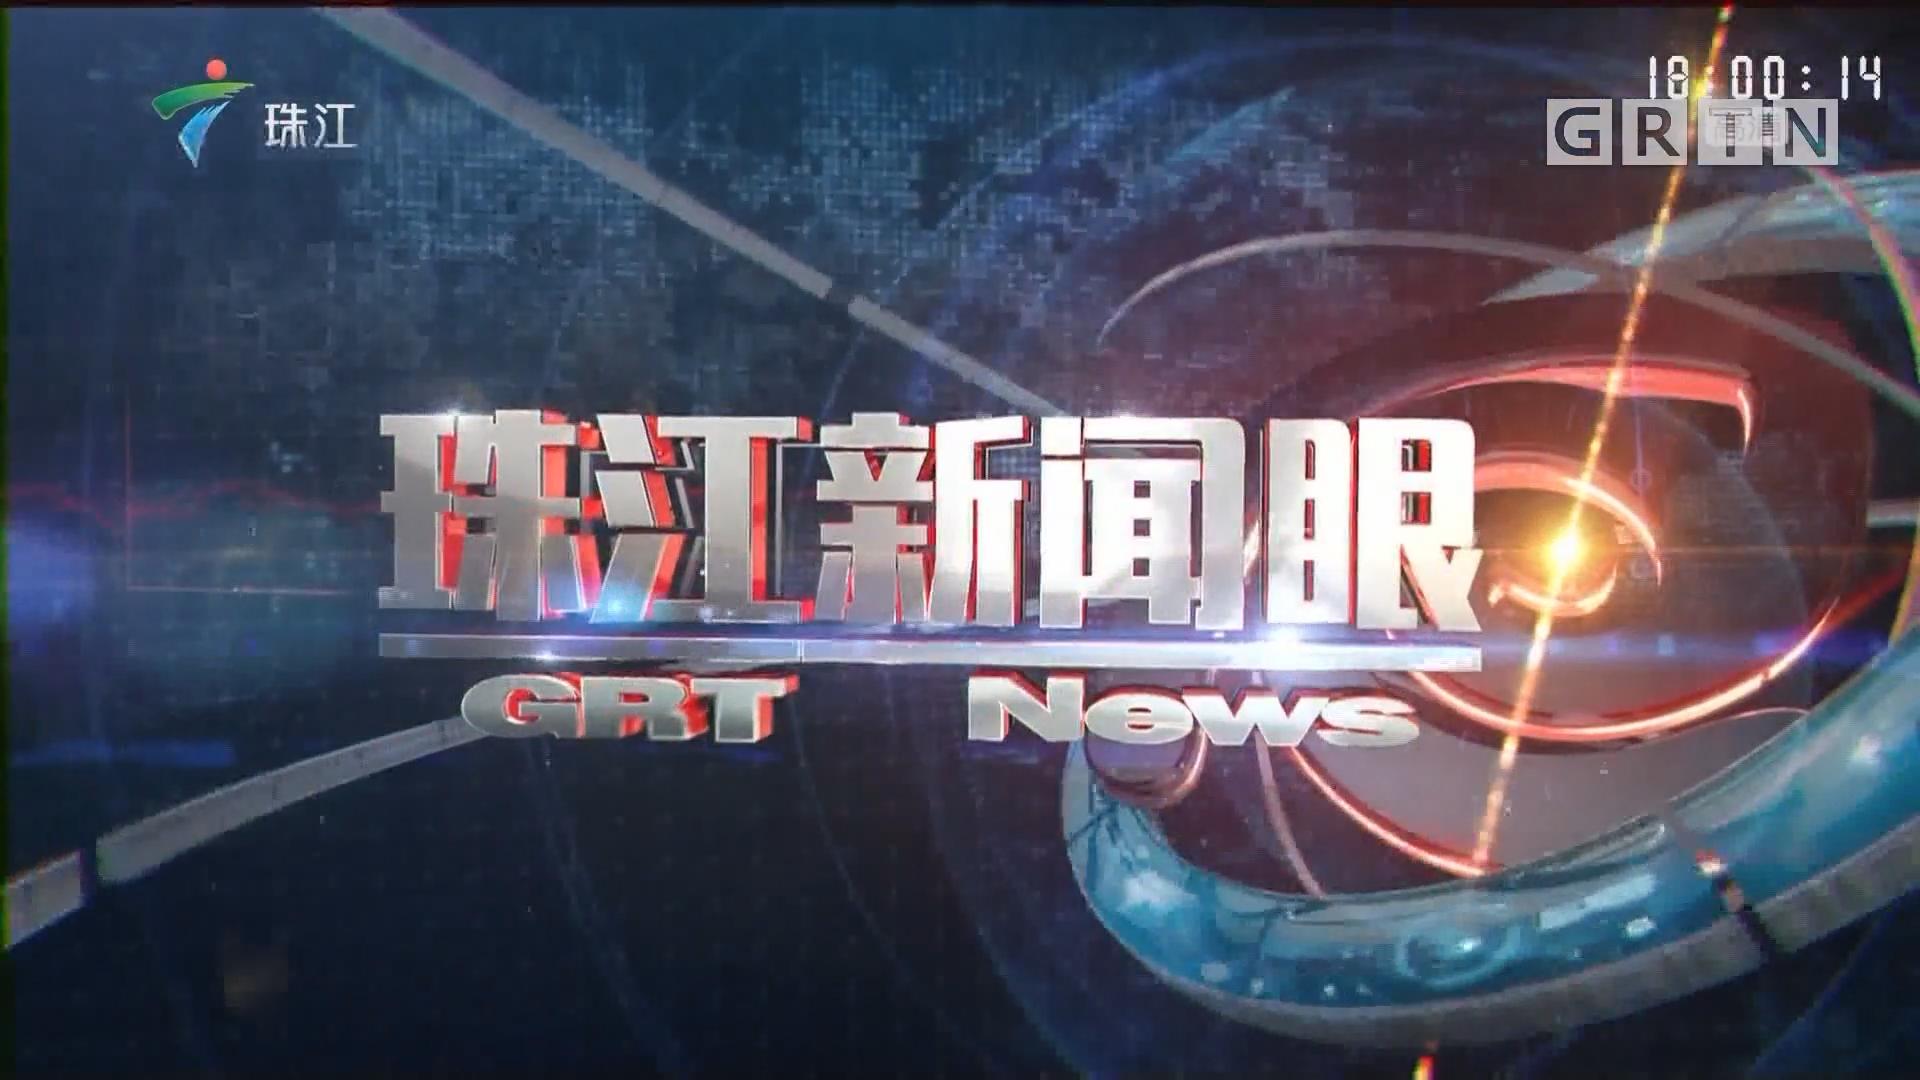 [HD][2019-02-12]珠江新闻眼:节后各地召开招聘会揽人才